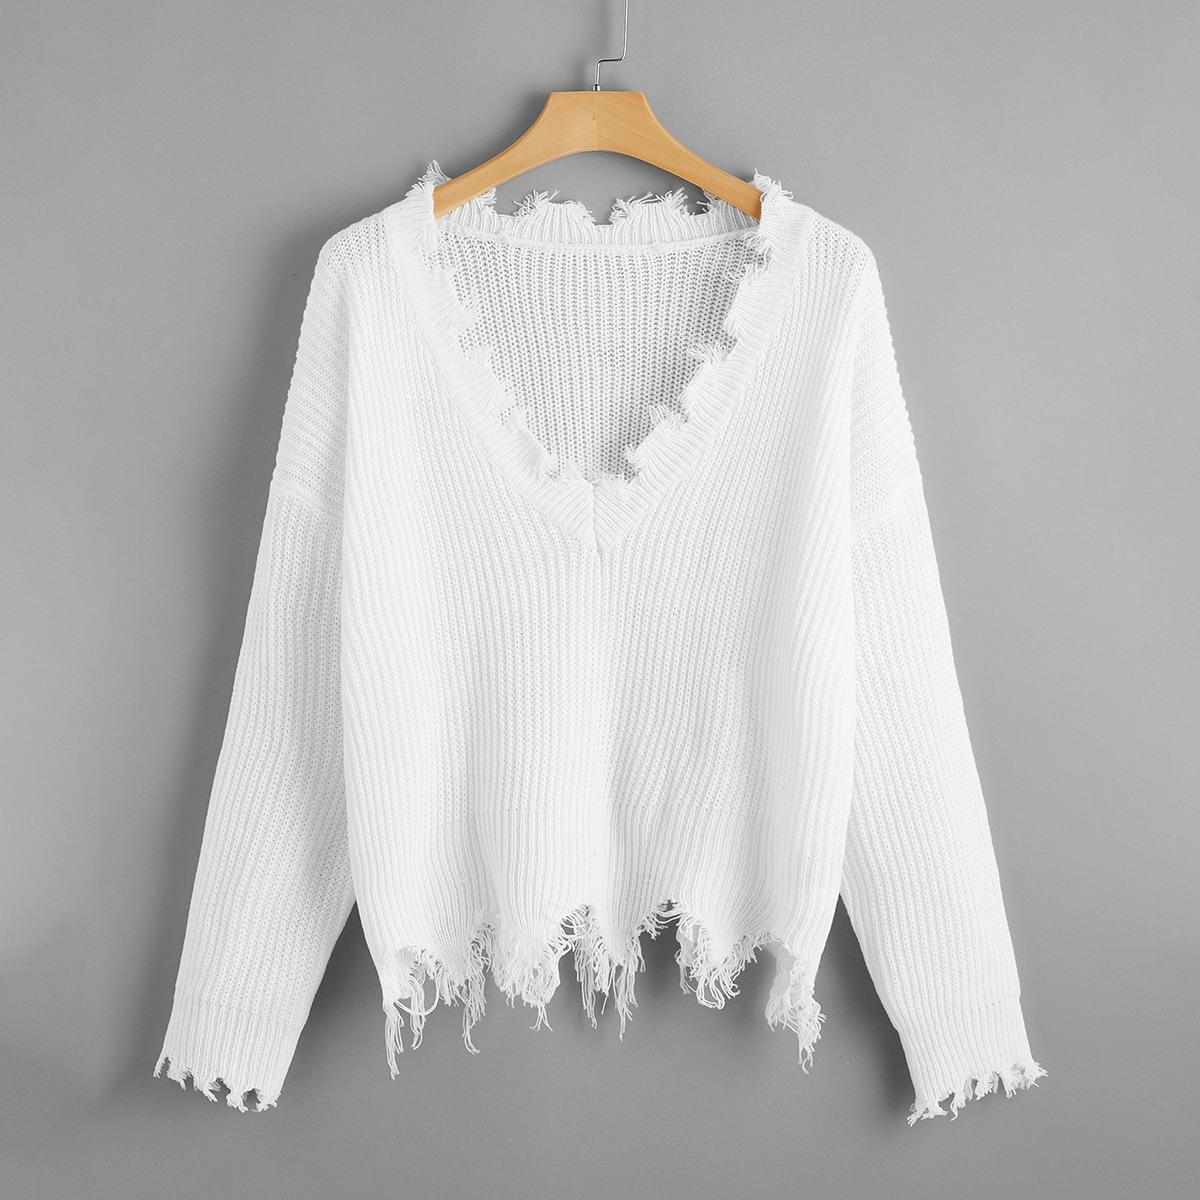 Однотонный рваный свитер размера плюс с v-образным воротником